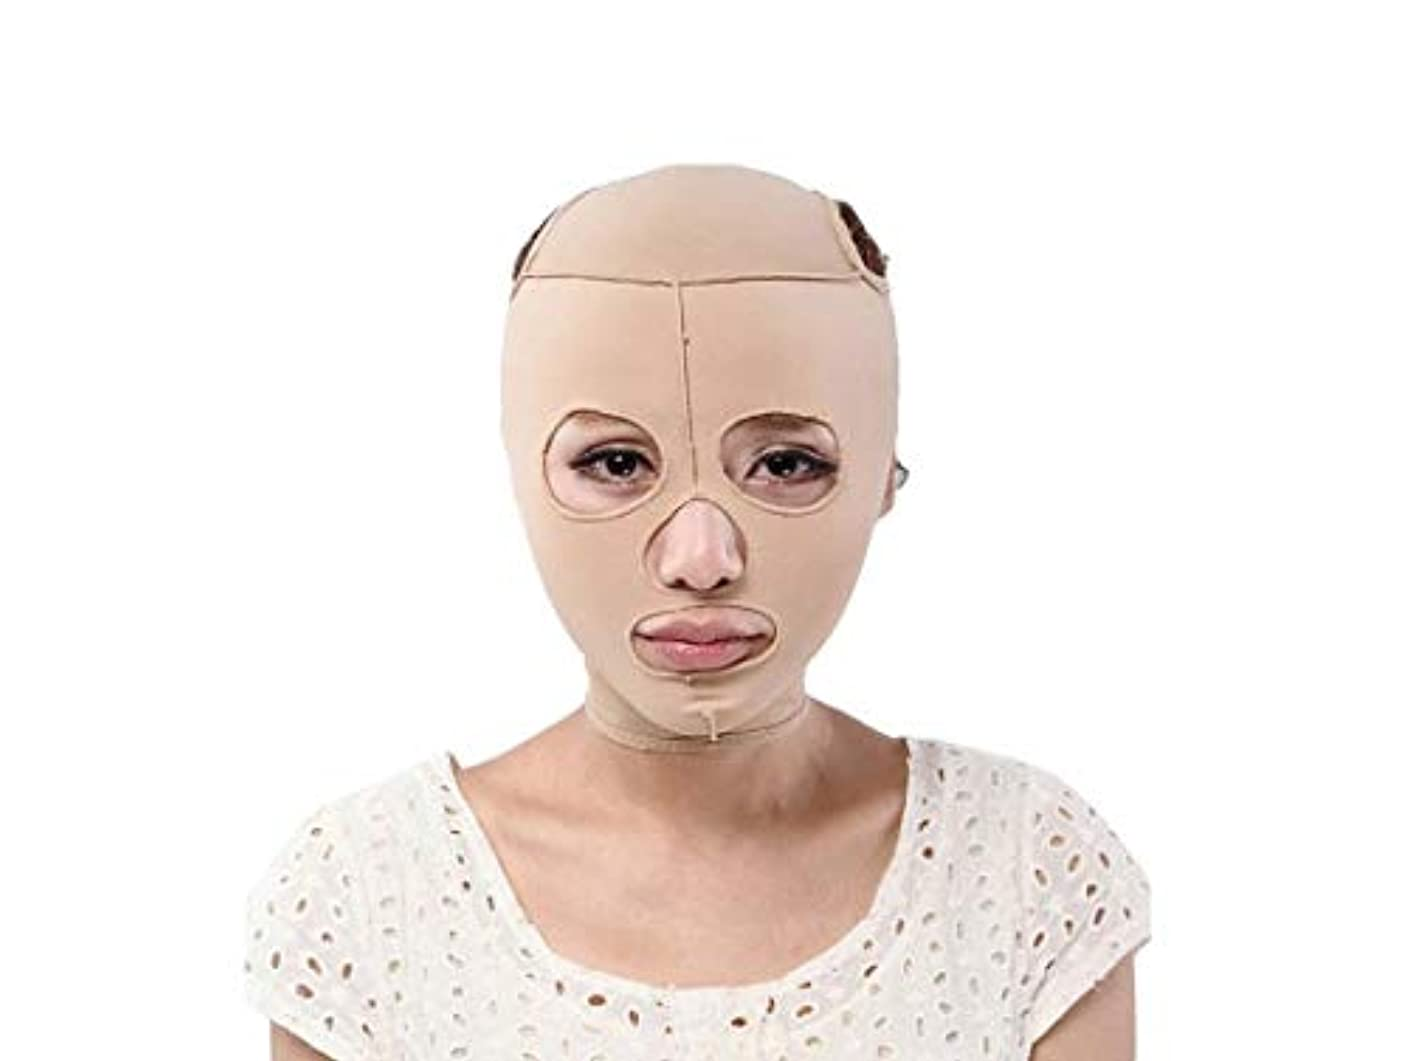 加速度つばボットスリミングベルト、フェイスマスクシンフェイスインストゥルメントリフティングファーミングVフェイス男性と女性フェイスリフティングステッカーダブルチンフェイスリフティングフェイスマスク包帯フェイシャルマッサージ(サイズ:Xl),M